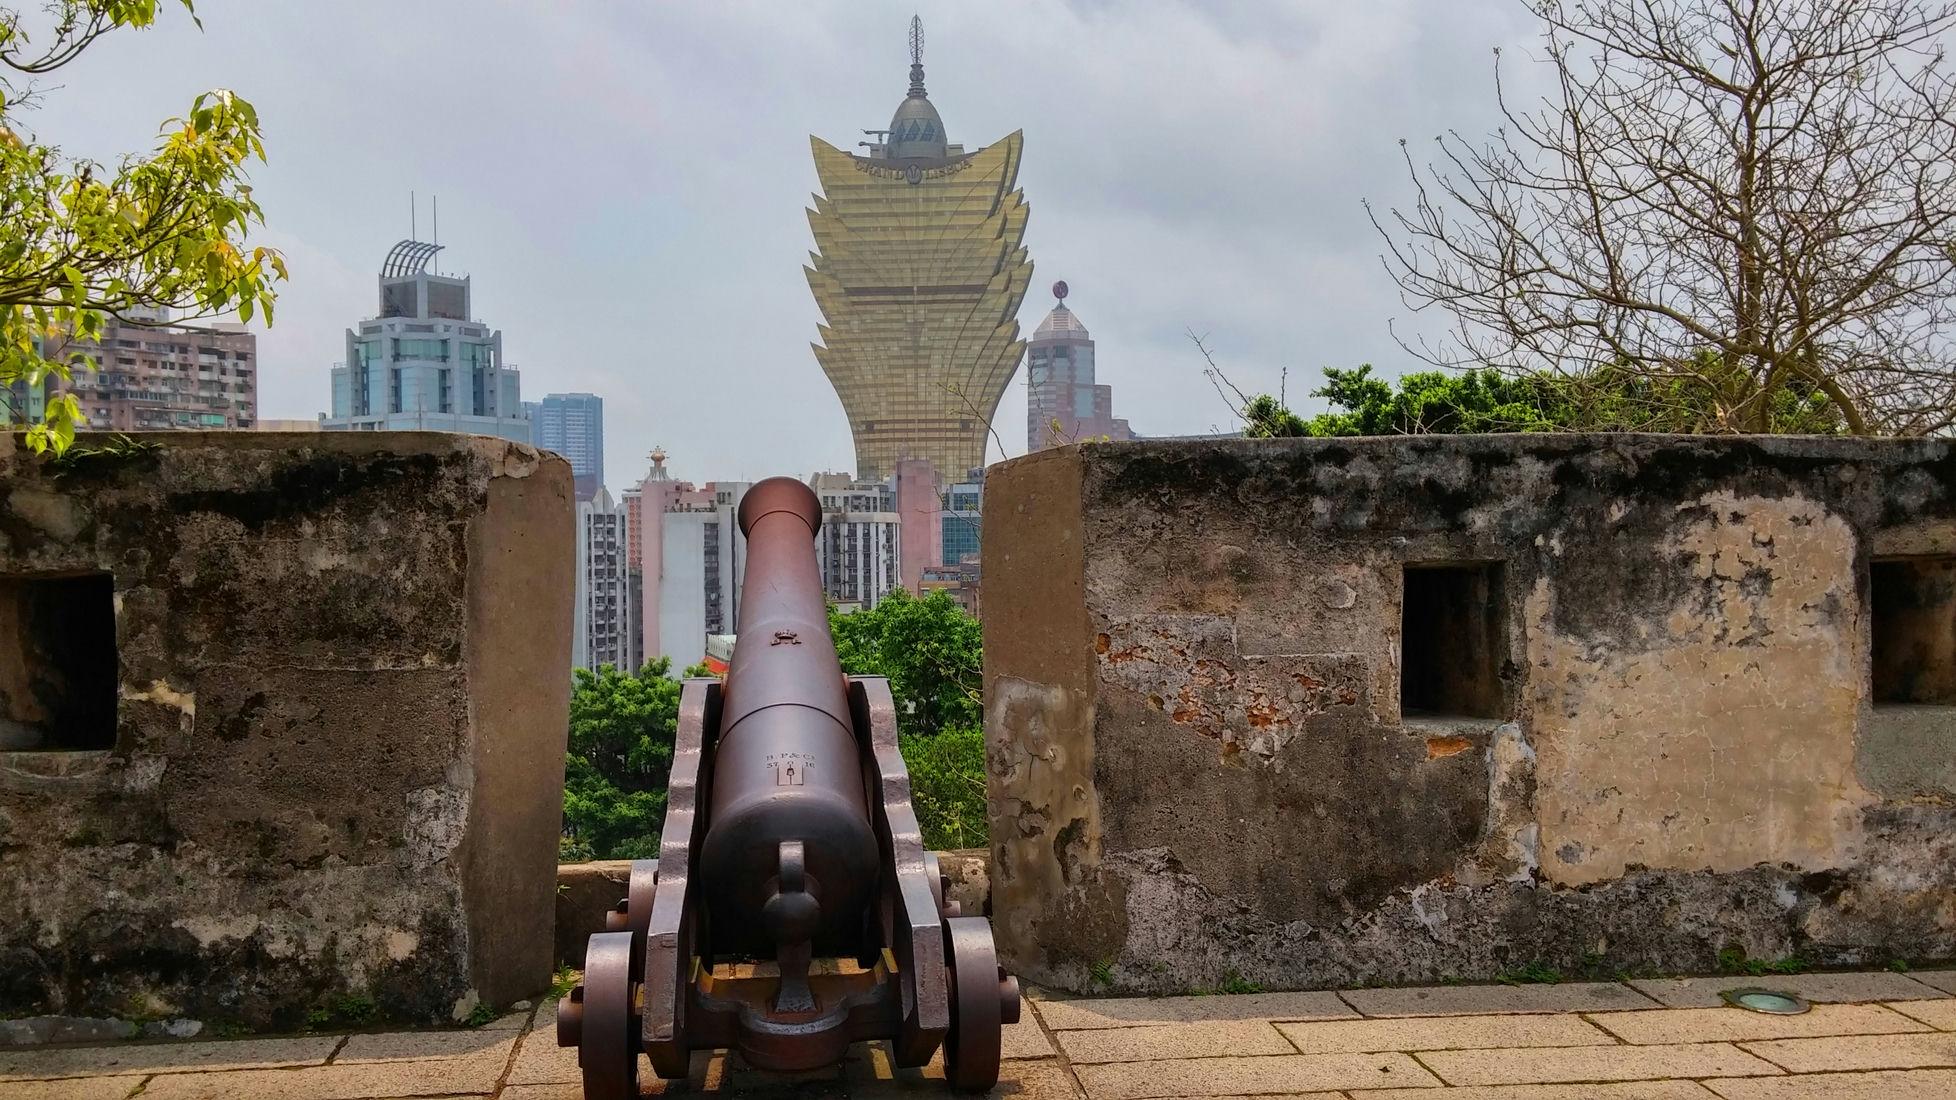 Macau-Mount-Fortress-cannon-and-Grand-Lisboa